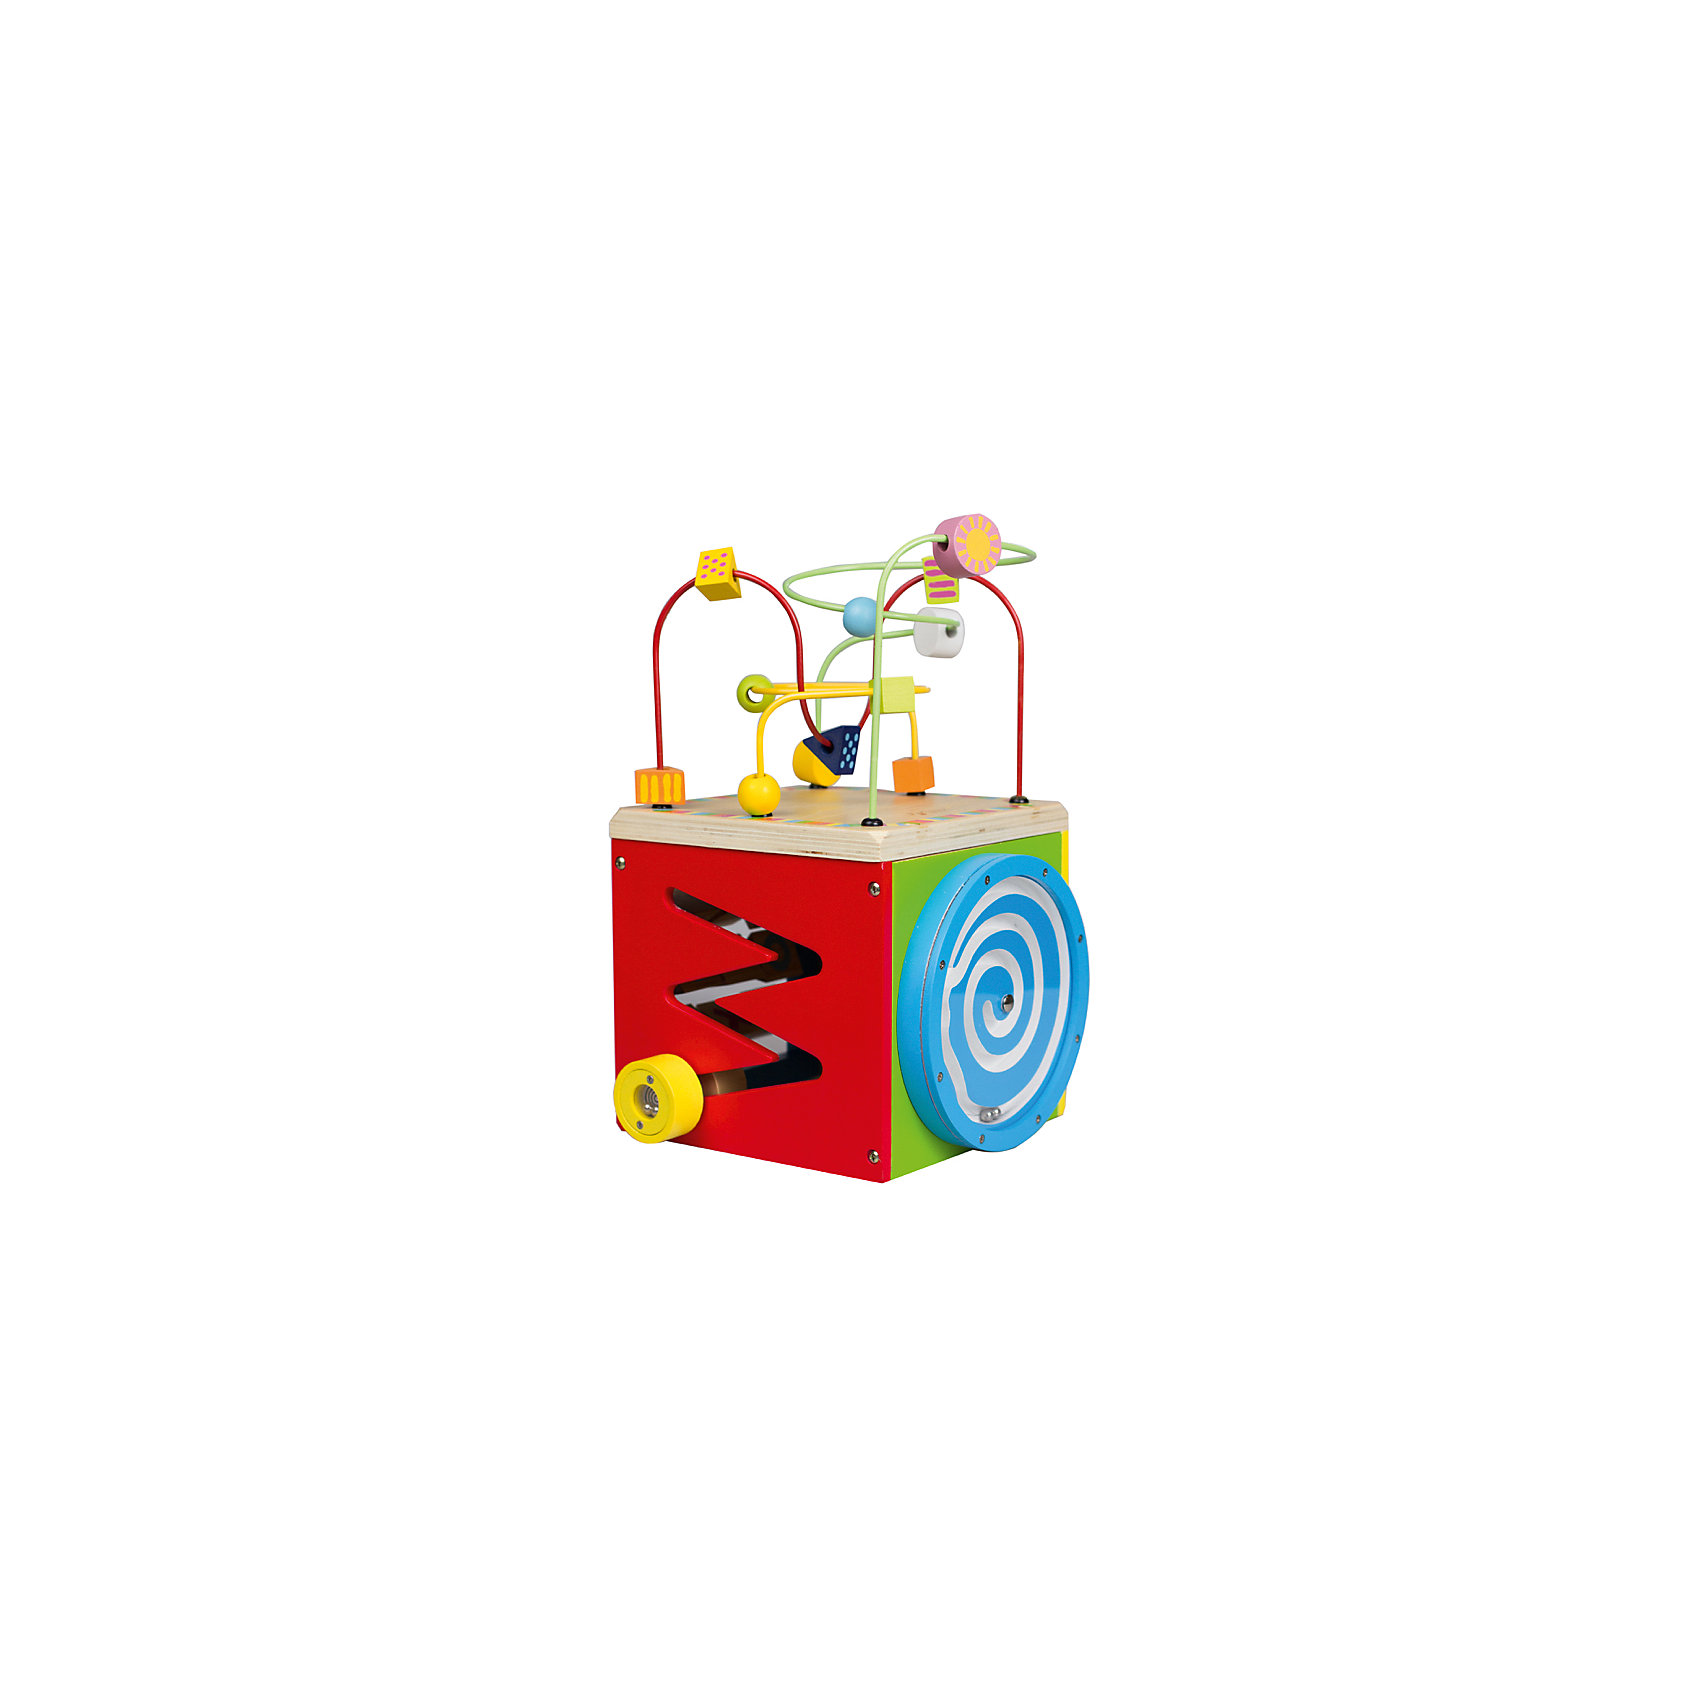 Лабиринт многофункциональныи? «Куб, Classic WorldРазвивающие игрушки<br>Классический развивающий игровой центр для малышей Куб включает в себя: лабиринт, сортер, крестики-нолики и логические игры различного уровня сложности. Устойчивая конструкция и натуральное дерево делает игрушку безопасной для малышей. <br>1. Развивающий центр Куб объединяет в себе 5 различных видов лабиринтов и логическую игру крестики-нолики. Все задания разного уровня сложности, поэтому в Куб интересно играть детям разного возраста.<br>2. Приятные на ощупь формы и фигурки, их яркие расцветки нравятся детям.<br>3. Малышам нравится перекатывать яркие фигурки по изогнутым в разных плоскостях проволокам. <br>4. Во время игры ребенок учится анализировать: как сделать так, чтобы фигурка с одного конца лабиринта переместилась на другой, чтобы нанизанные на проволоку детали не столкнулись между собой. <br>5. Перекатывая фигурки по лабиринтам, ребенок развивает пространственное мышление и мелкую моторику, логику и воображение.<br>6. Куб из дерева имеет устойчивую конструкцию, поэтому полностью безопасен для малышей.<br><br>Ширина мм: 260<br>Глубина мм: 370<br>Высота мм: 245<br>Вес г: 2300<br>Возраст от месяцев: 12<br>Возраст до месяцев: 2147483647<br>Пол: Унисекс<br>Возраст: Детский<br>SKU: 6844322